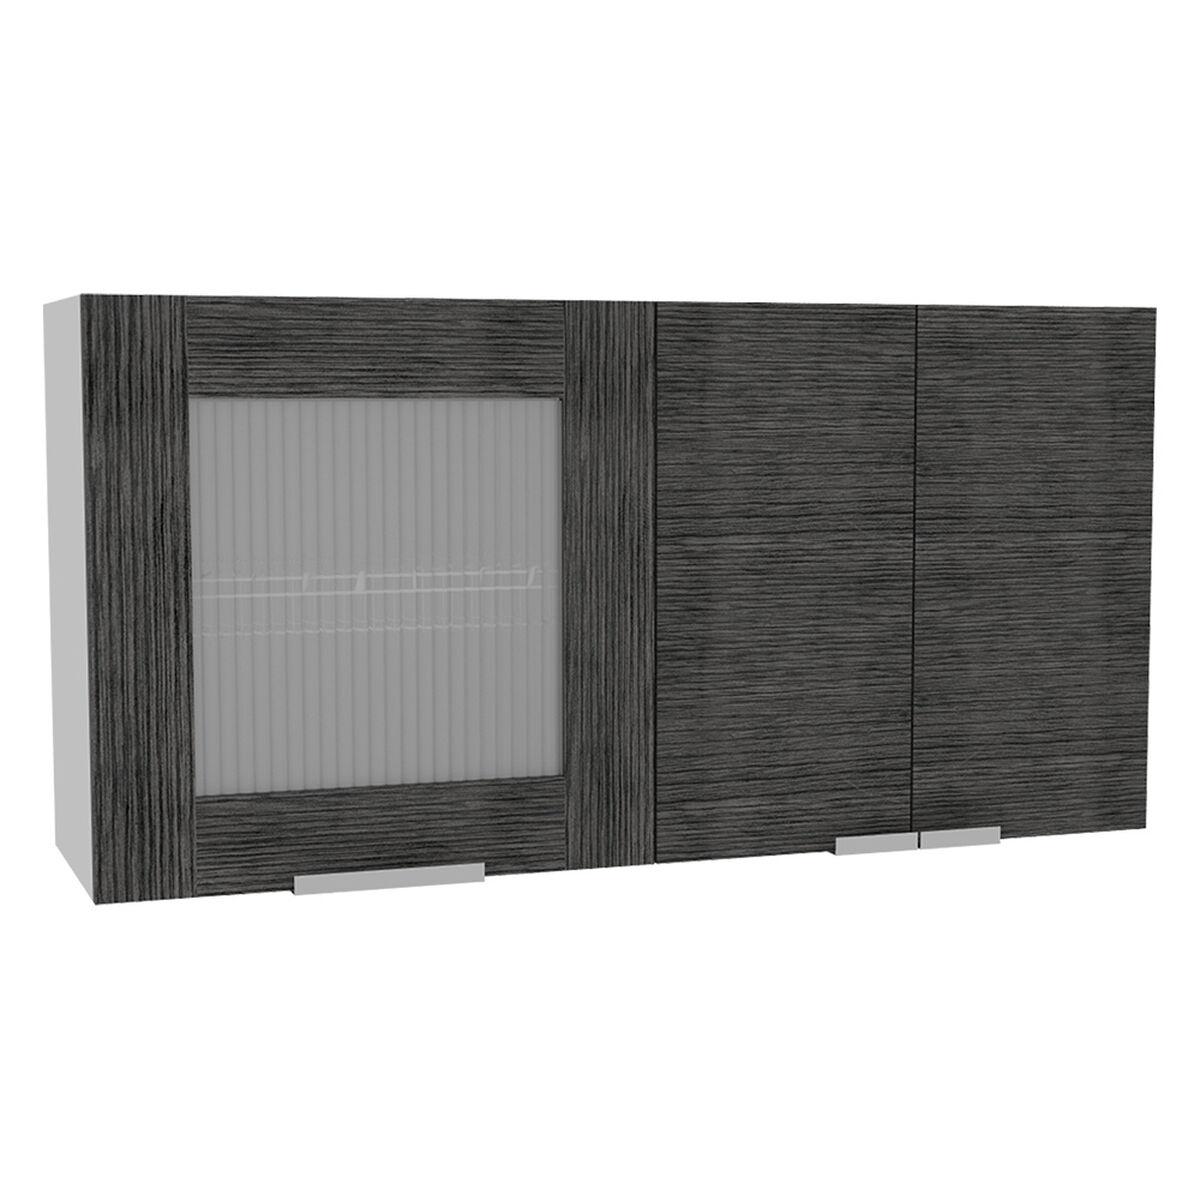 Combo 5 Fendi|Muebles Inferior + Superior